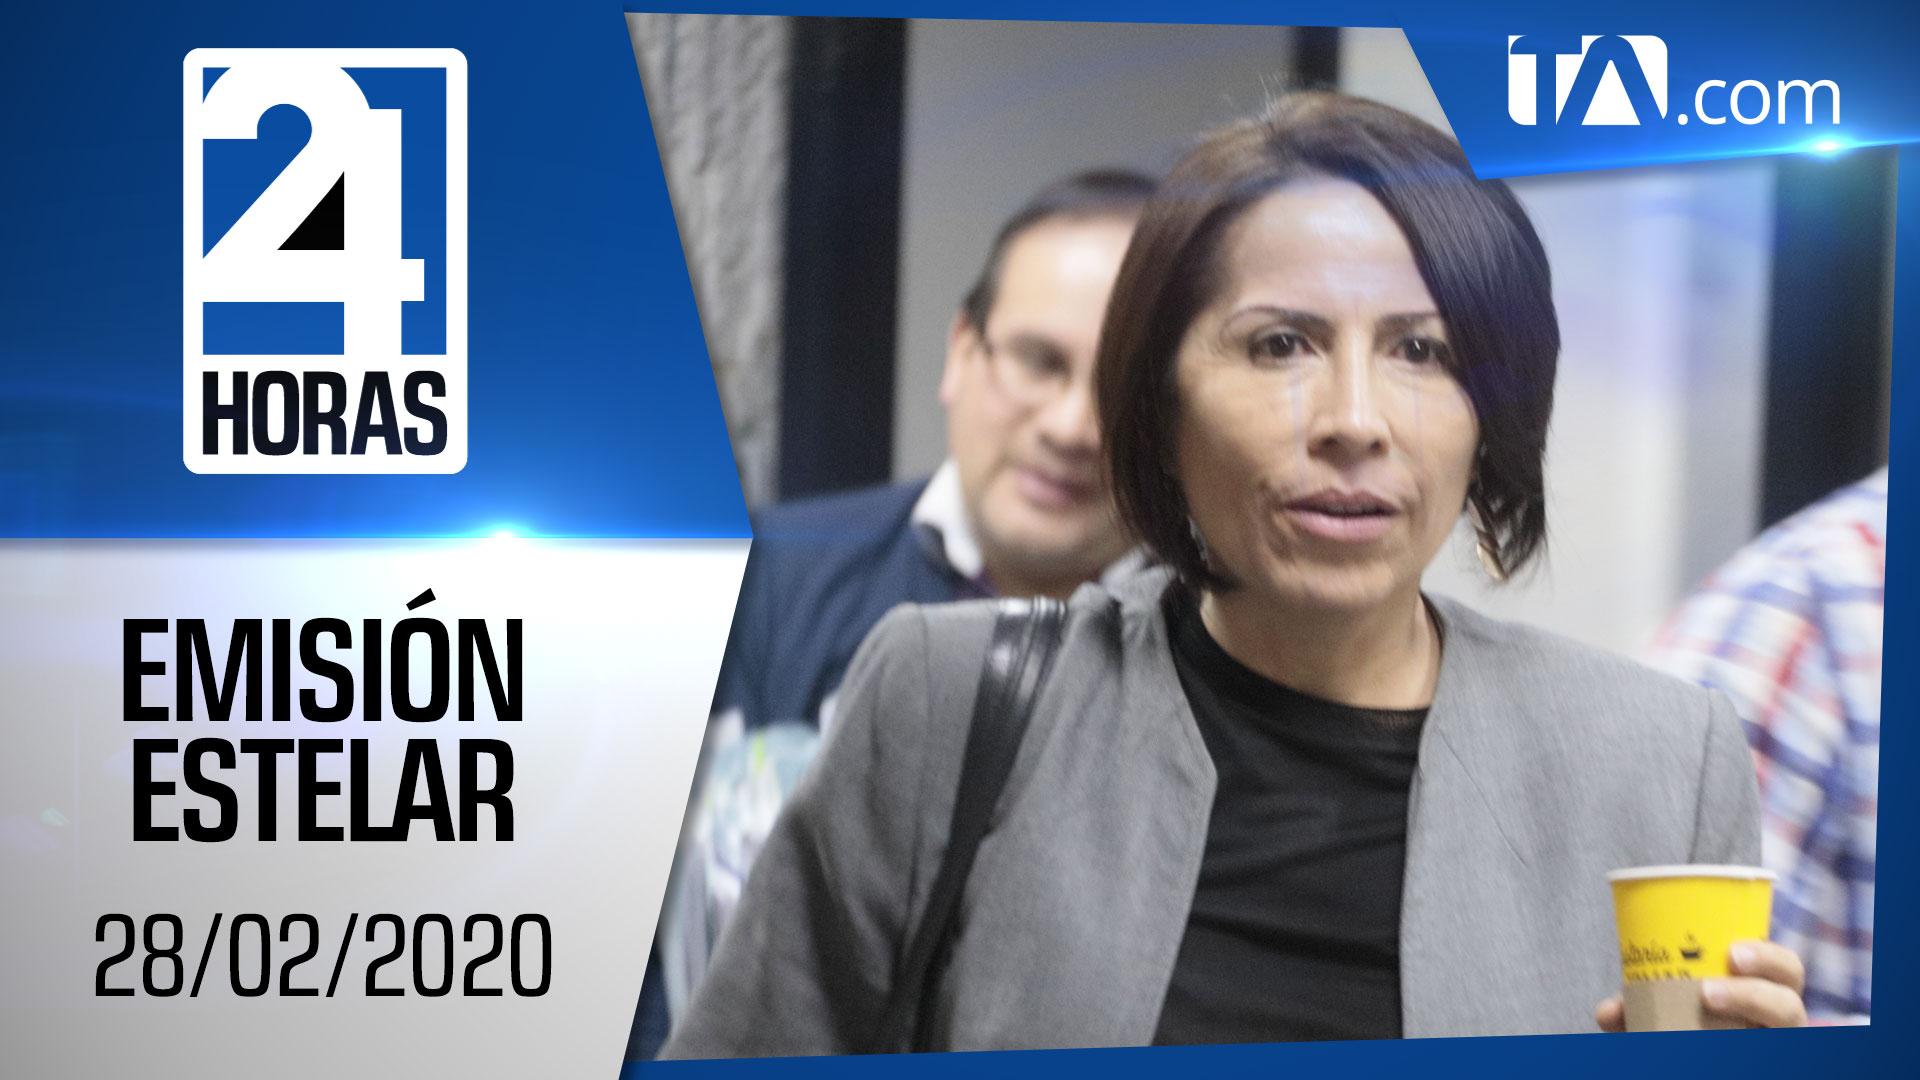 Noticias Ecuador: Noticiero 24 Horas, 28/02/2020 (Emisión Estelar)